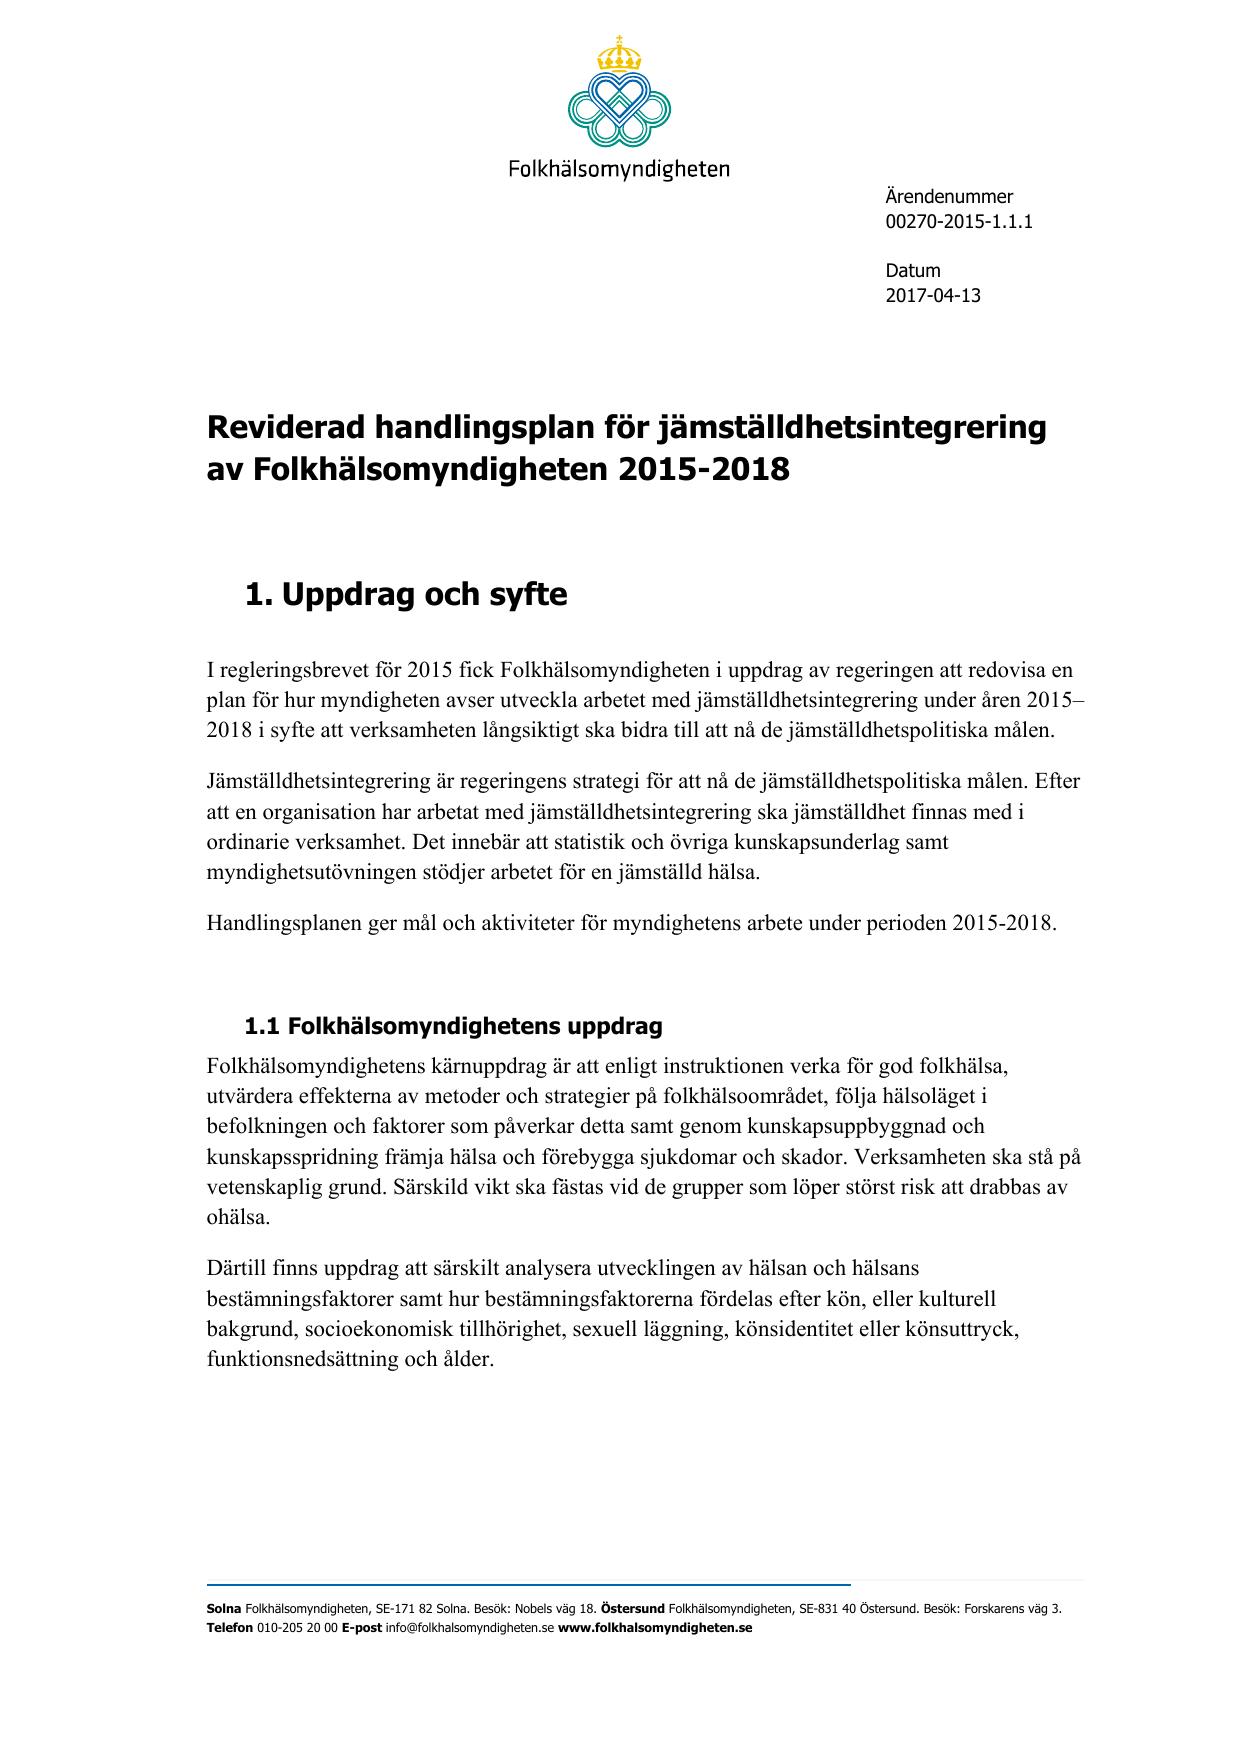 Folkhalsomyndighetens Plan For Jamstalldhetsintegrering 2015 2018